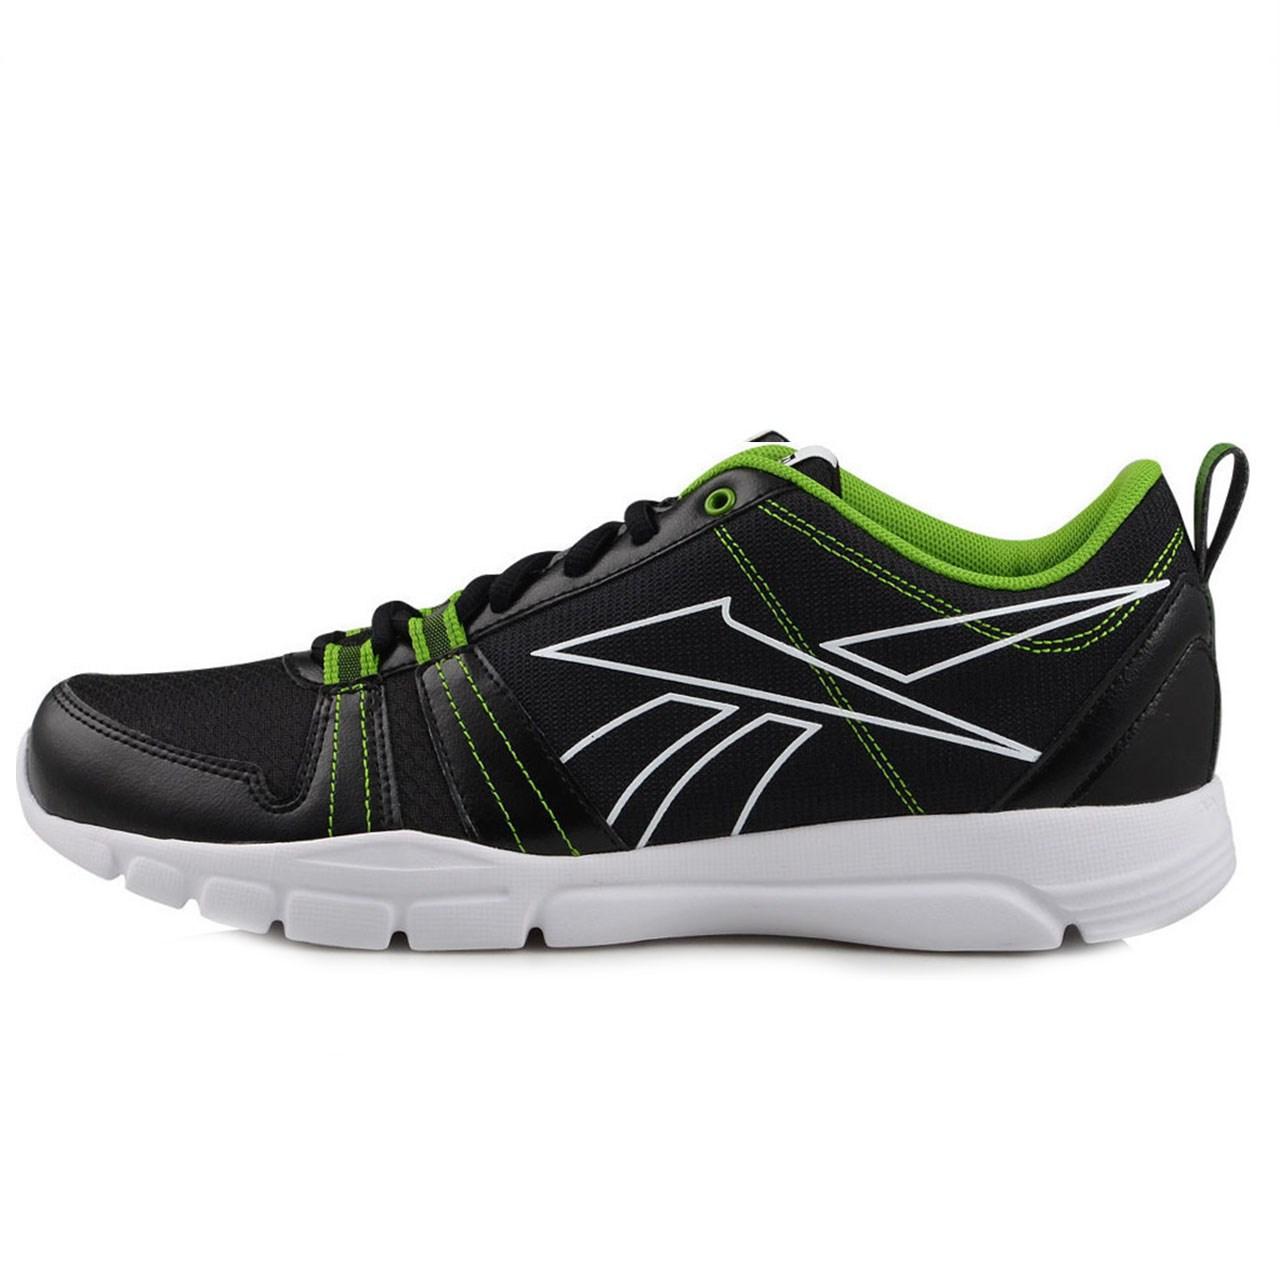 قیمت کفش مخصوص دویدن مردانه ریباک مدل Trainfusion